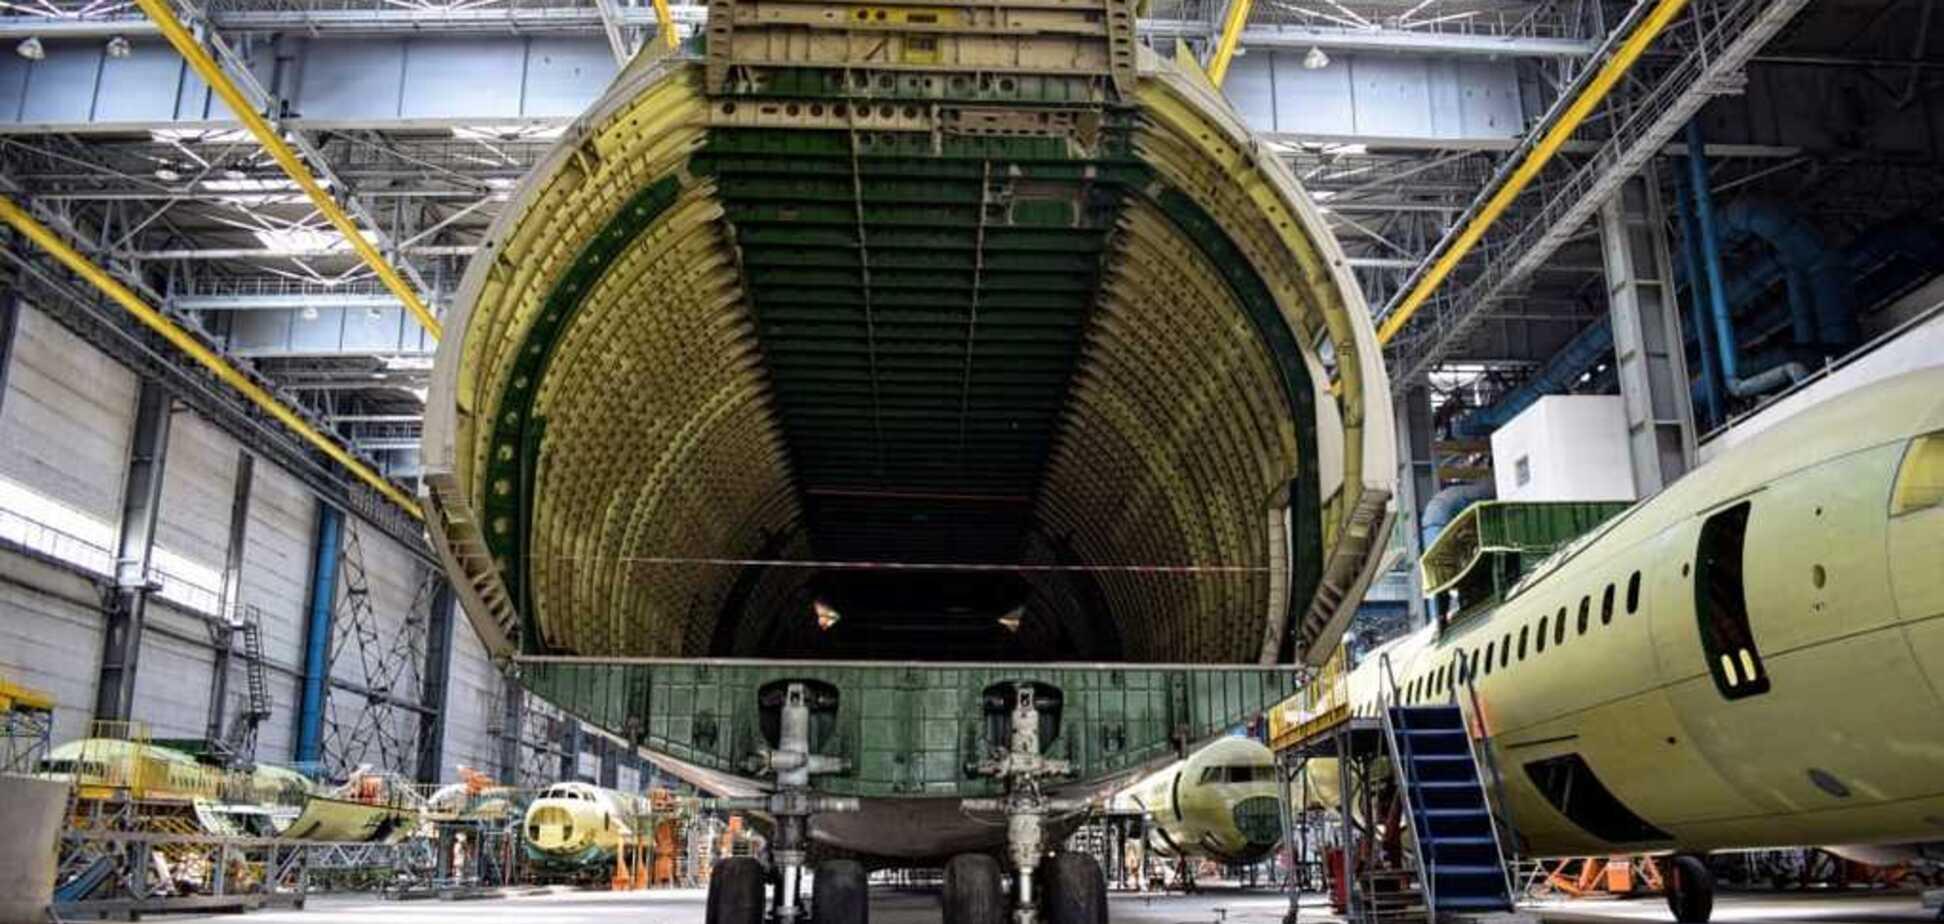 'Это зверь!' Всплыли тайные фото брата-близнеца легендарного АН-225 'Мрия'